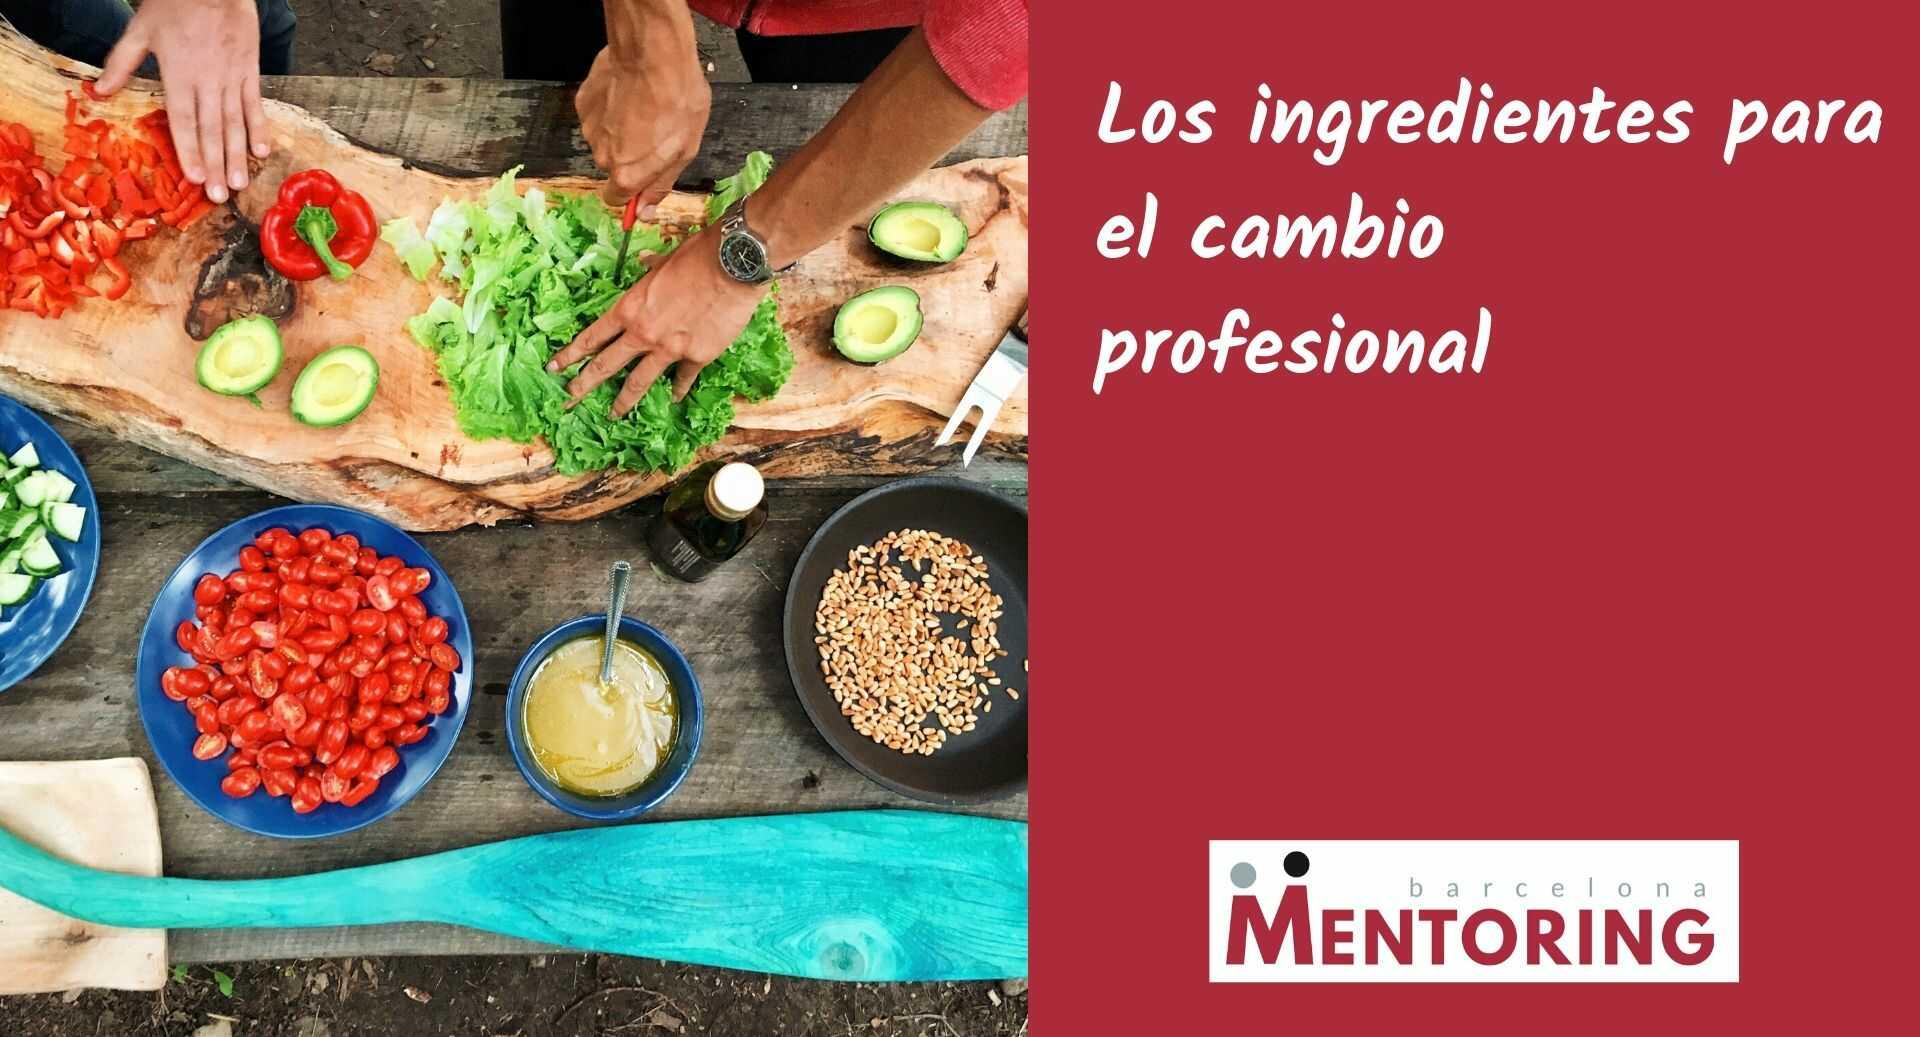 Los ingredientes para el cambio profesional